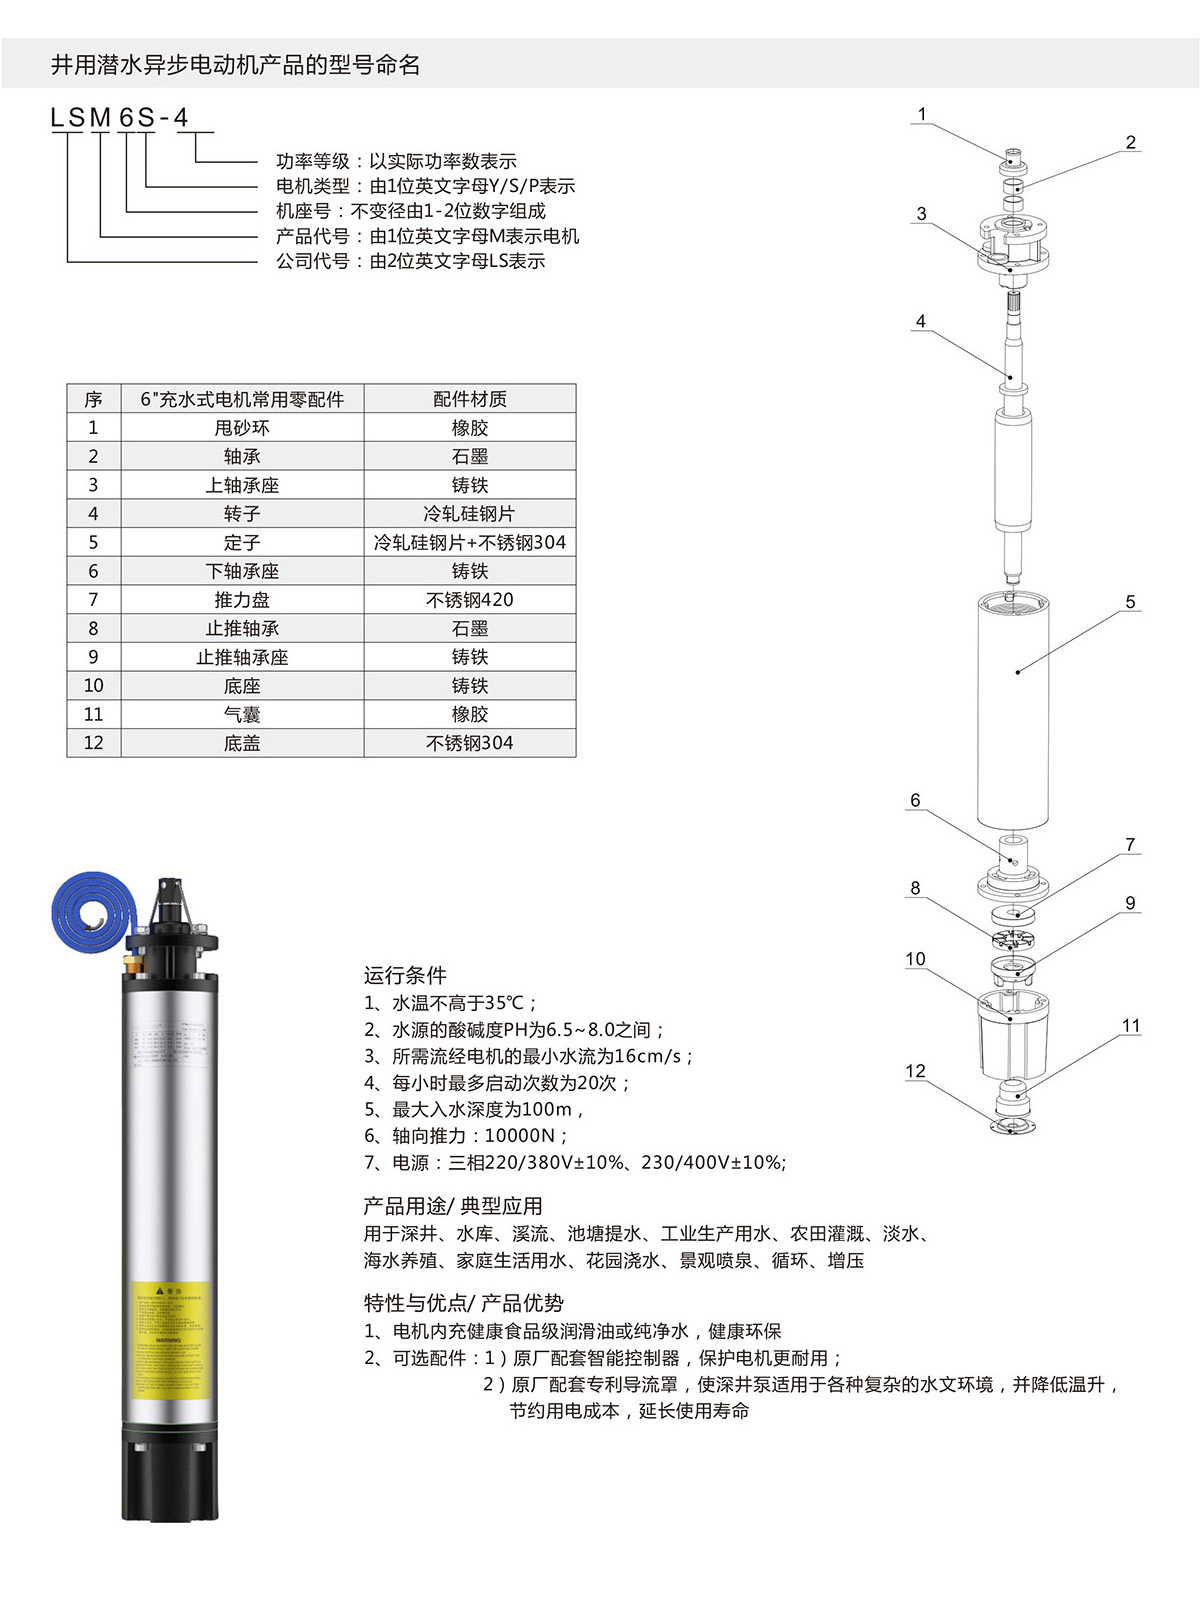 beplay 官方授权(图1)